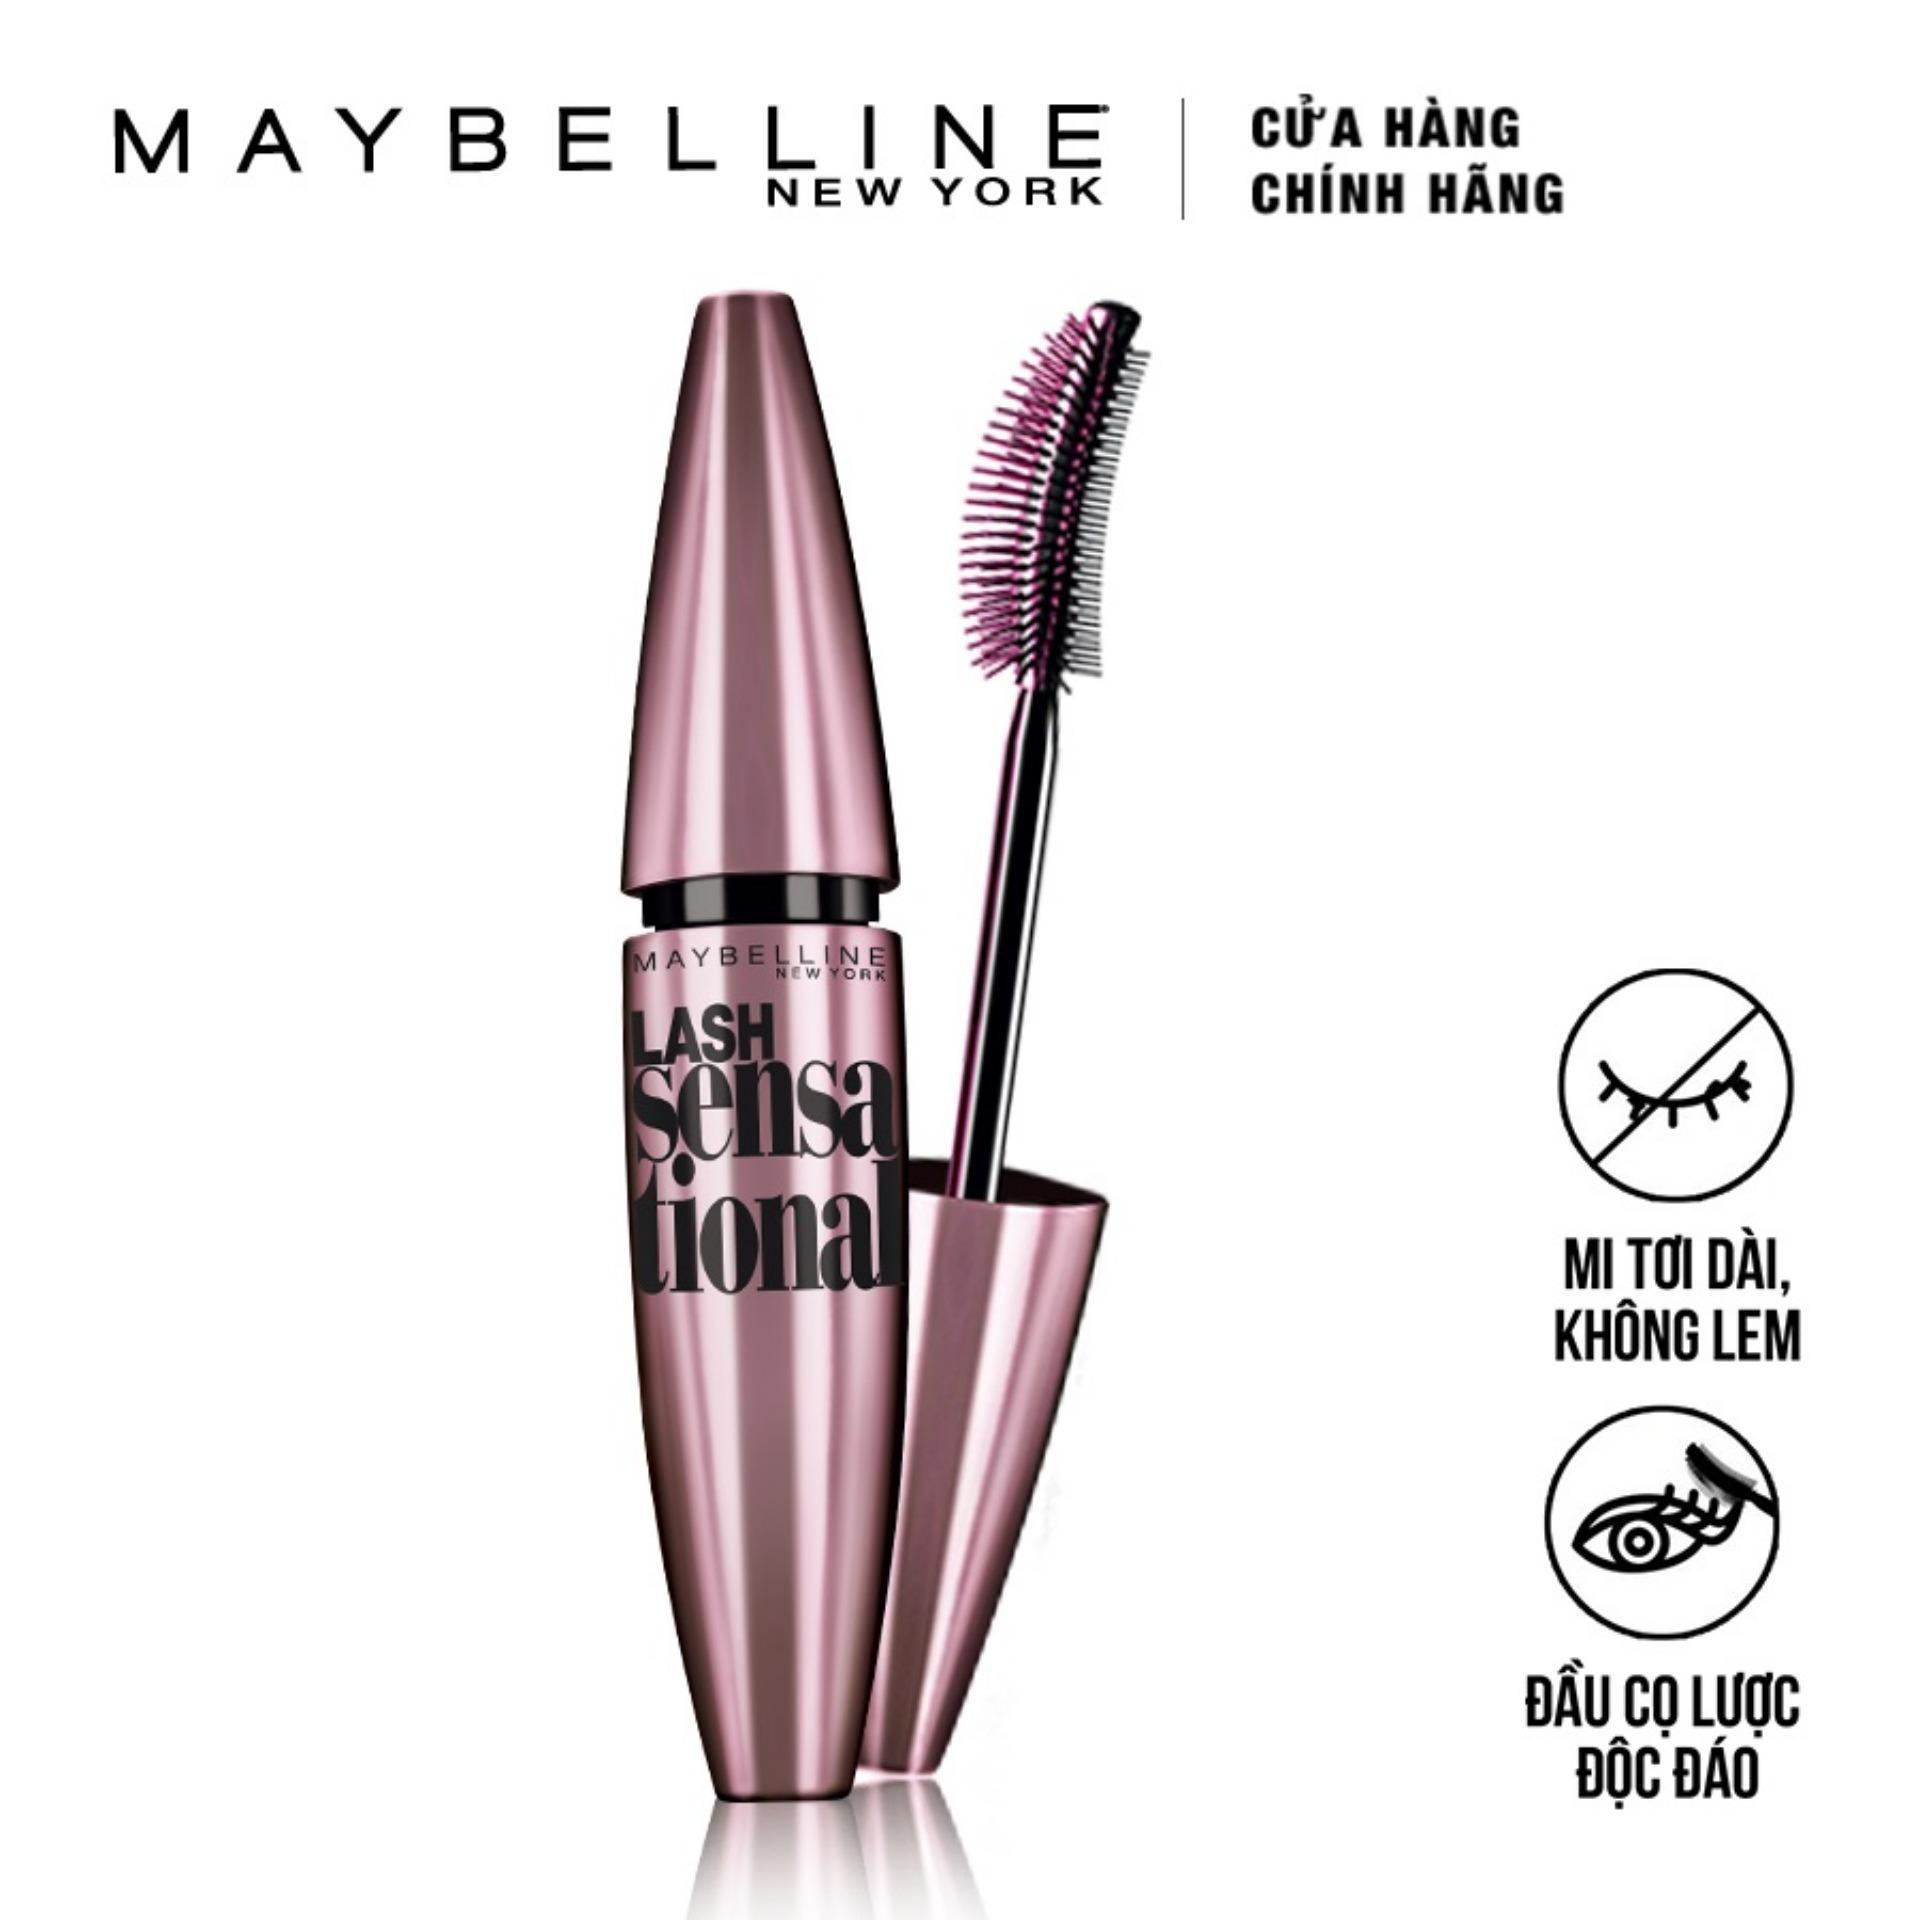 Mascara làm dài và tơi mi Maybelline New York Lash Sensational 10ml (Đen)